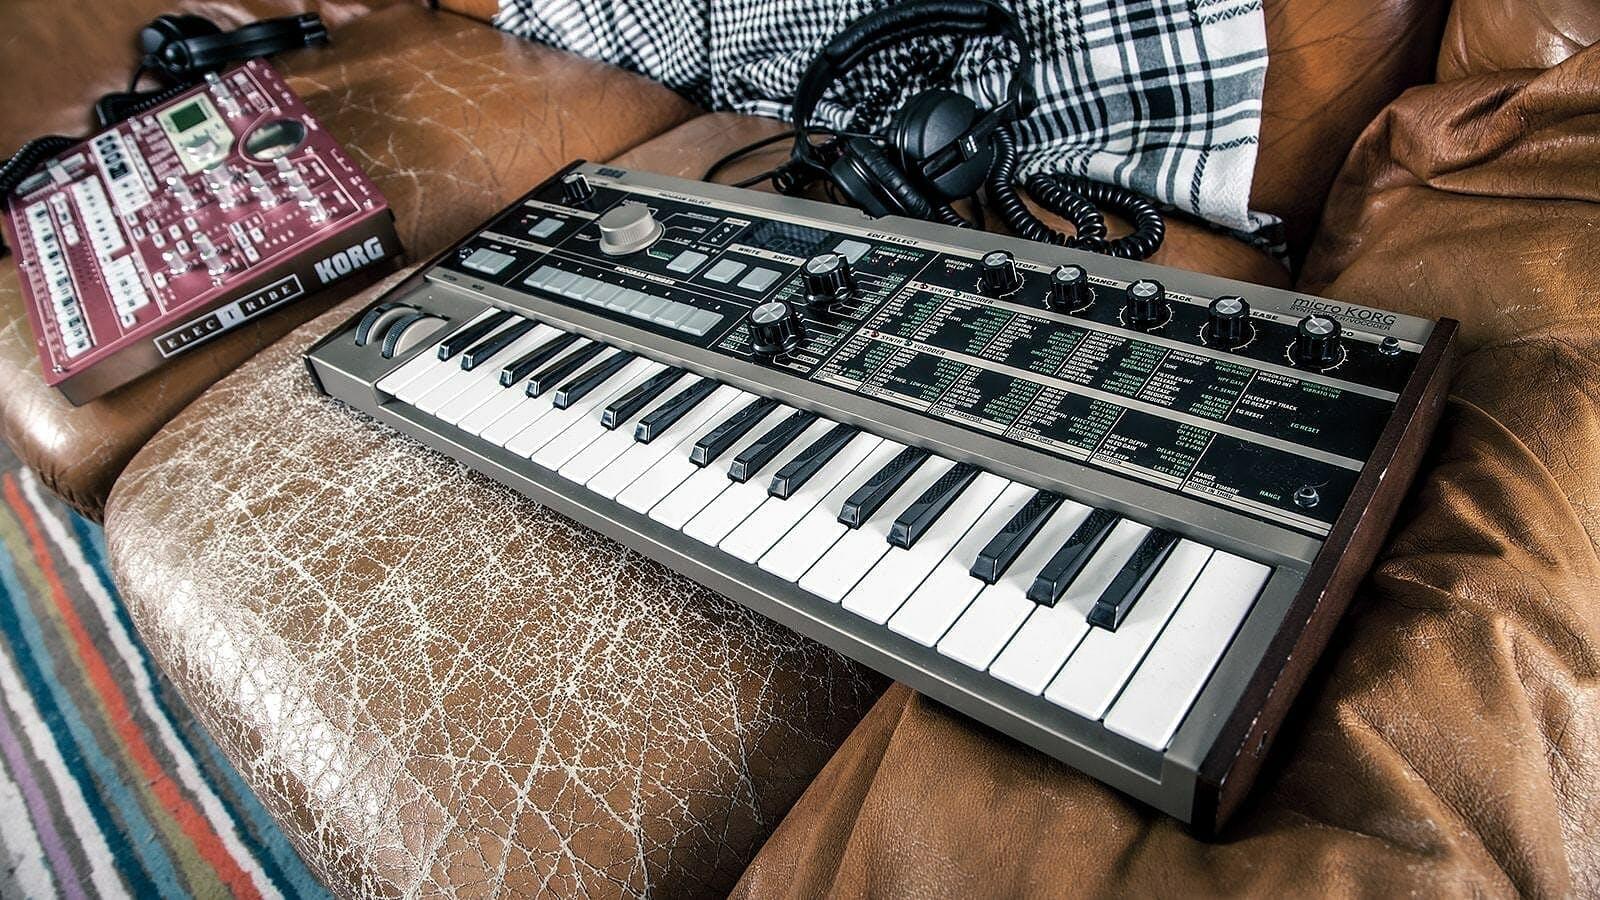 Keyboard sitting on a